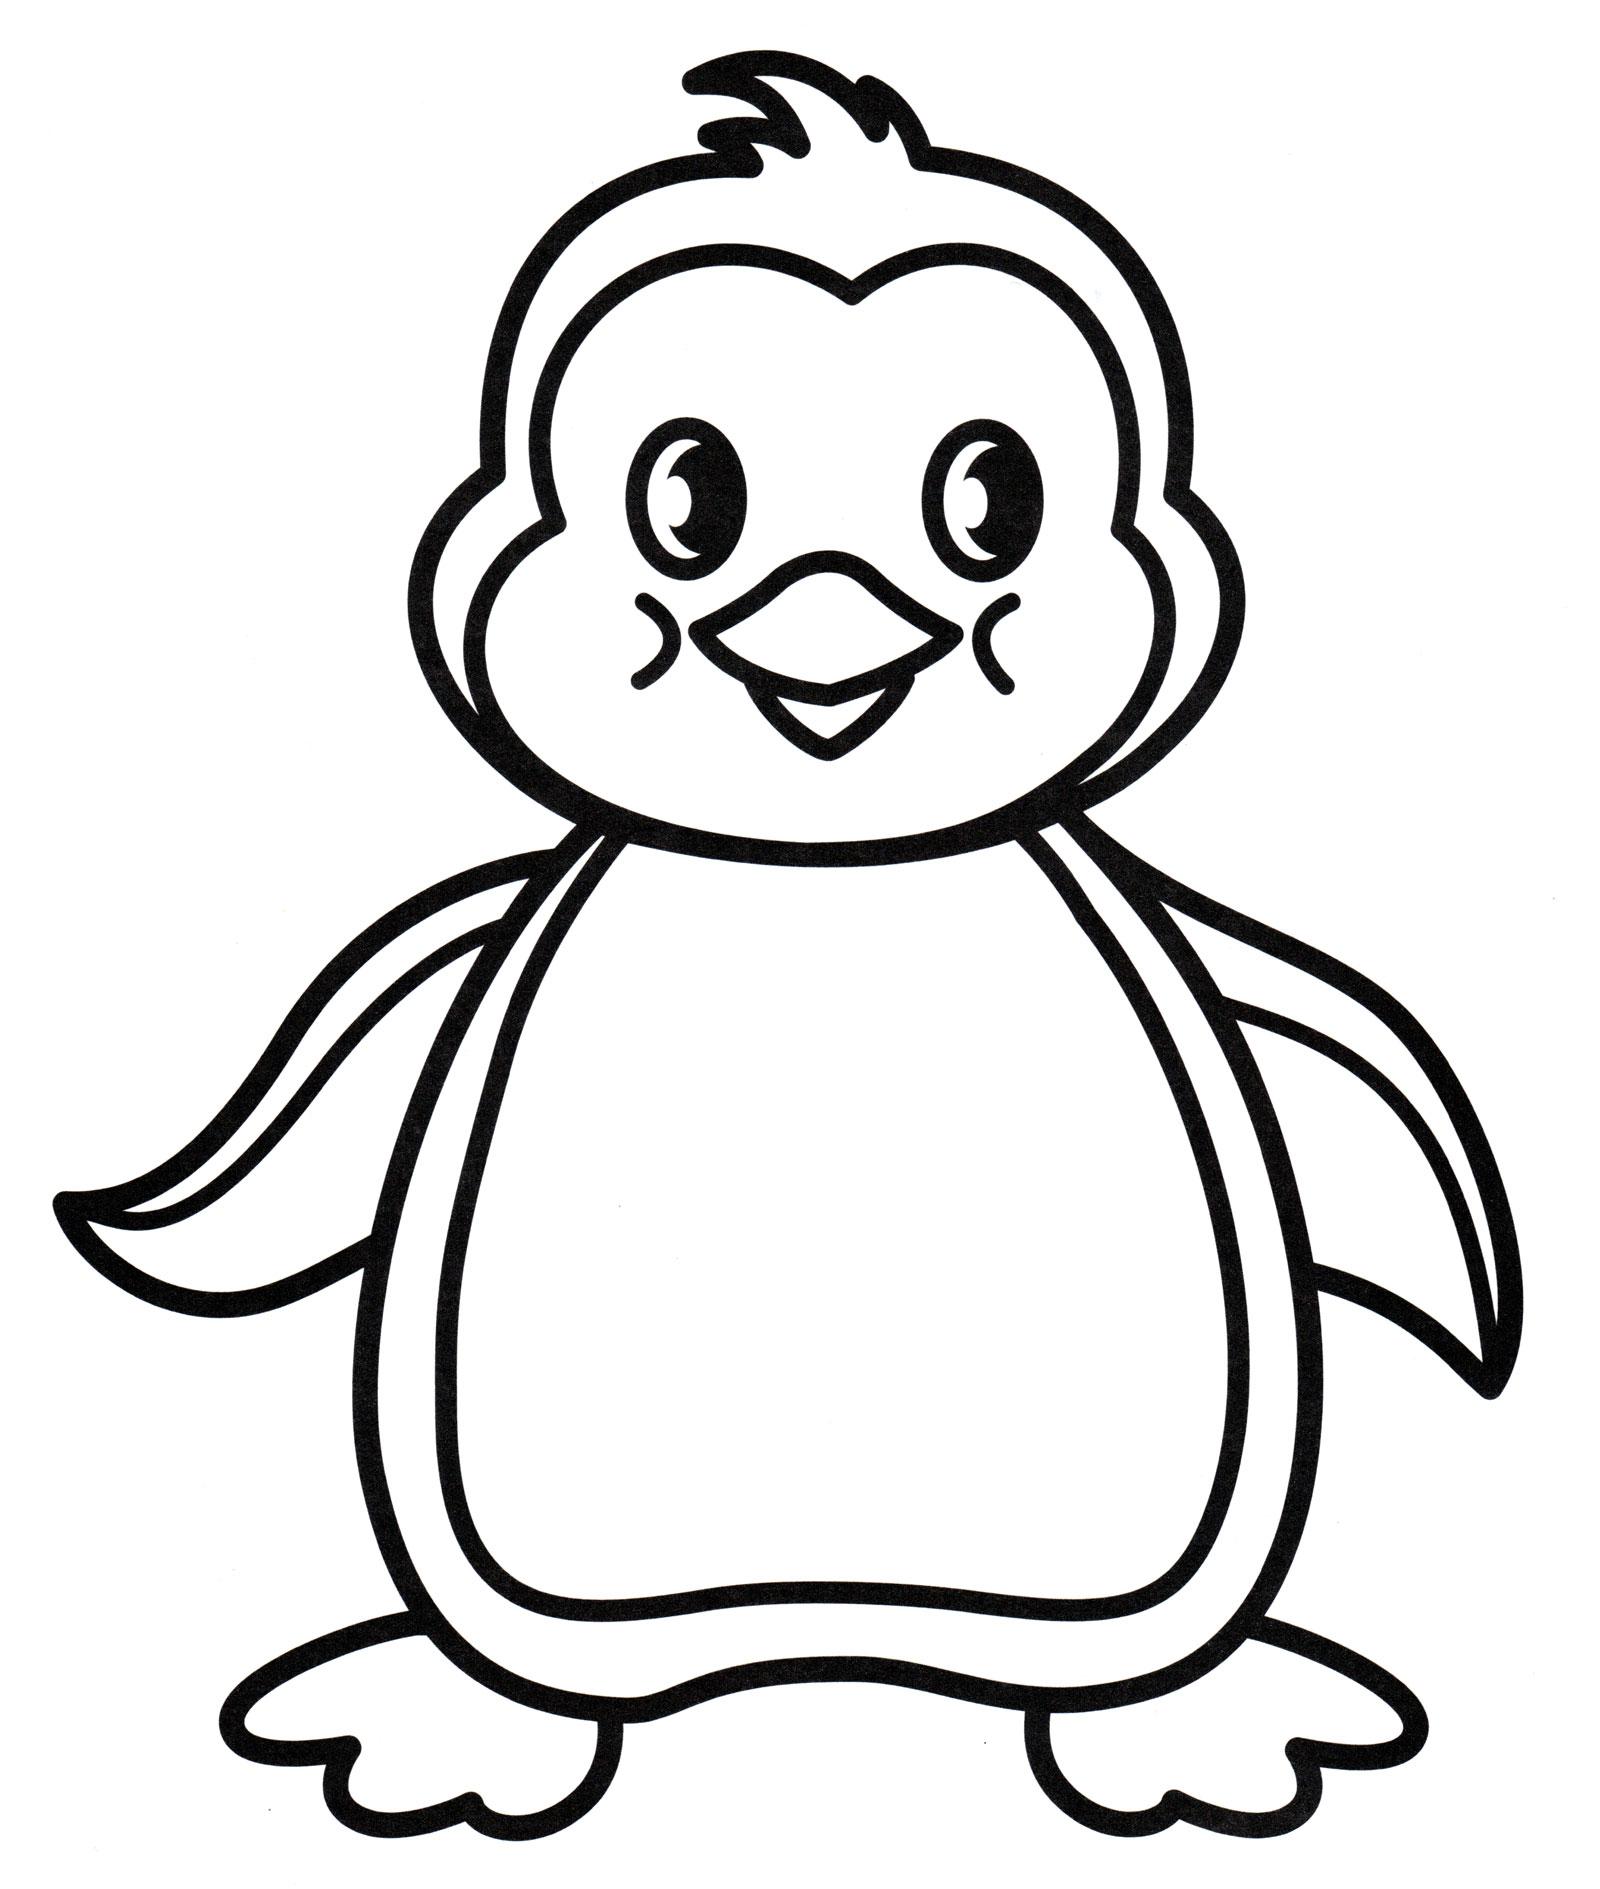 раскраска пингвинов распечатать год его наградили